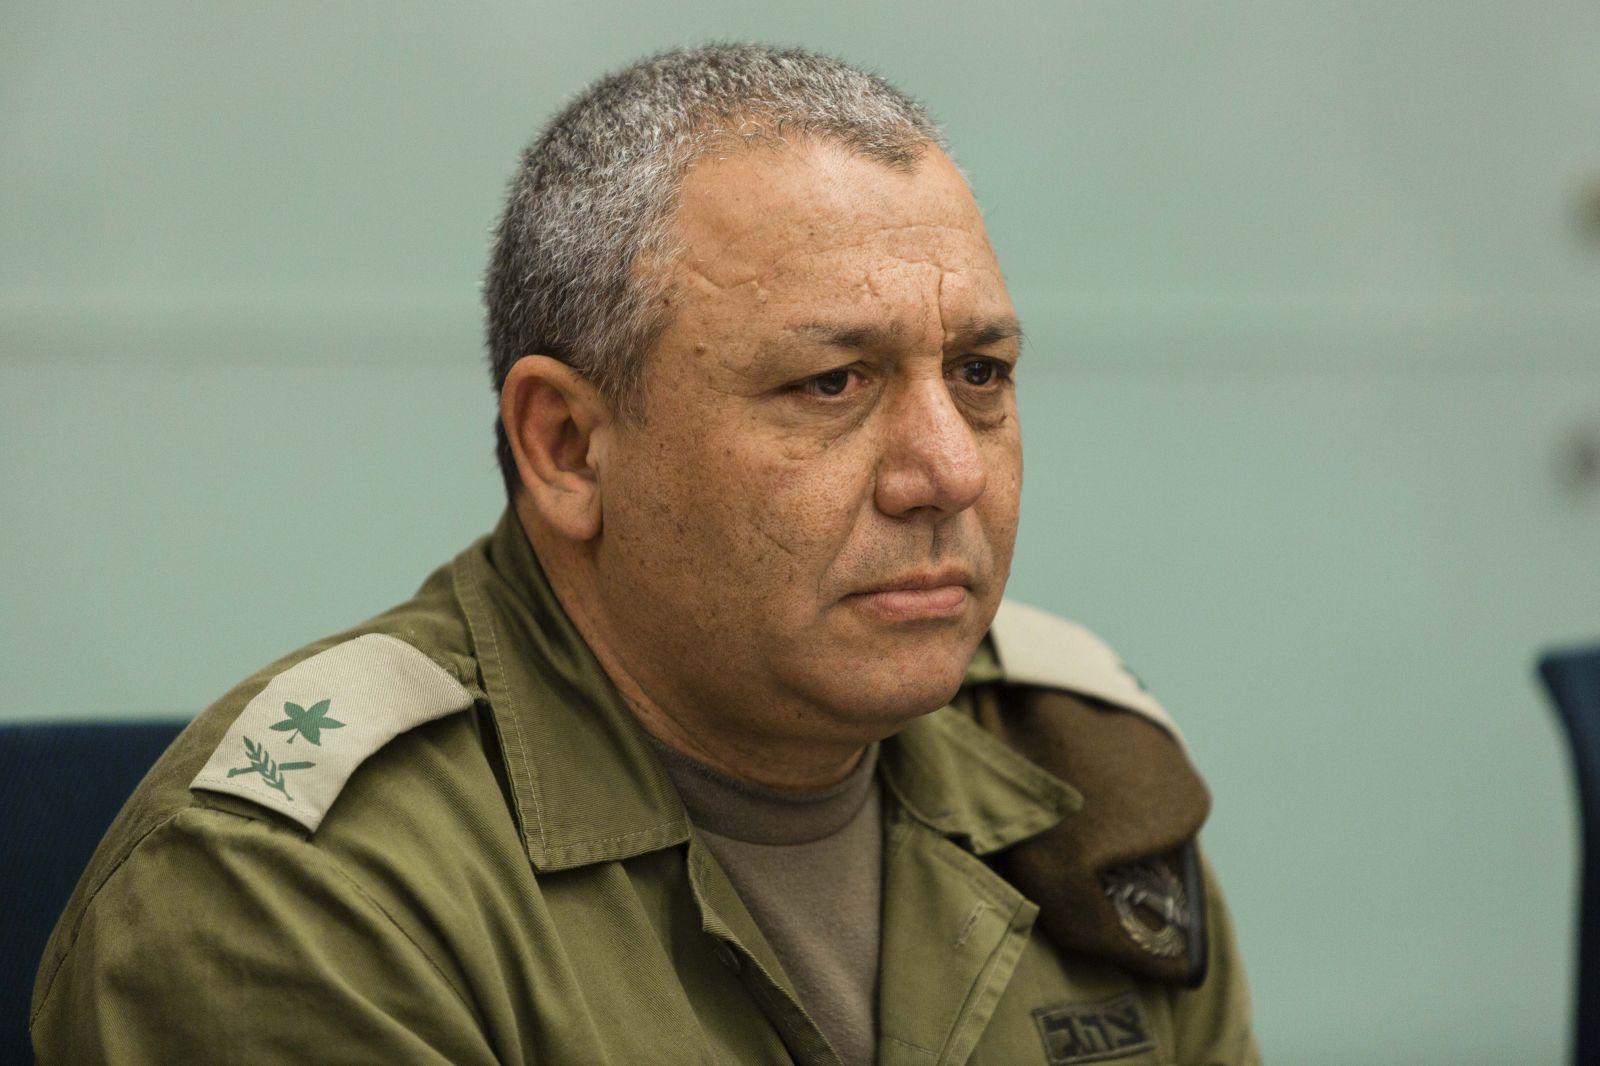 قائد الجيش الإسرائيلي يُهدد نصر الله